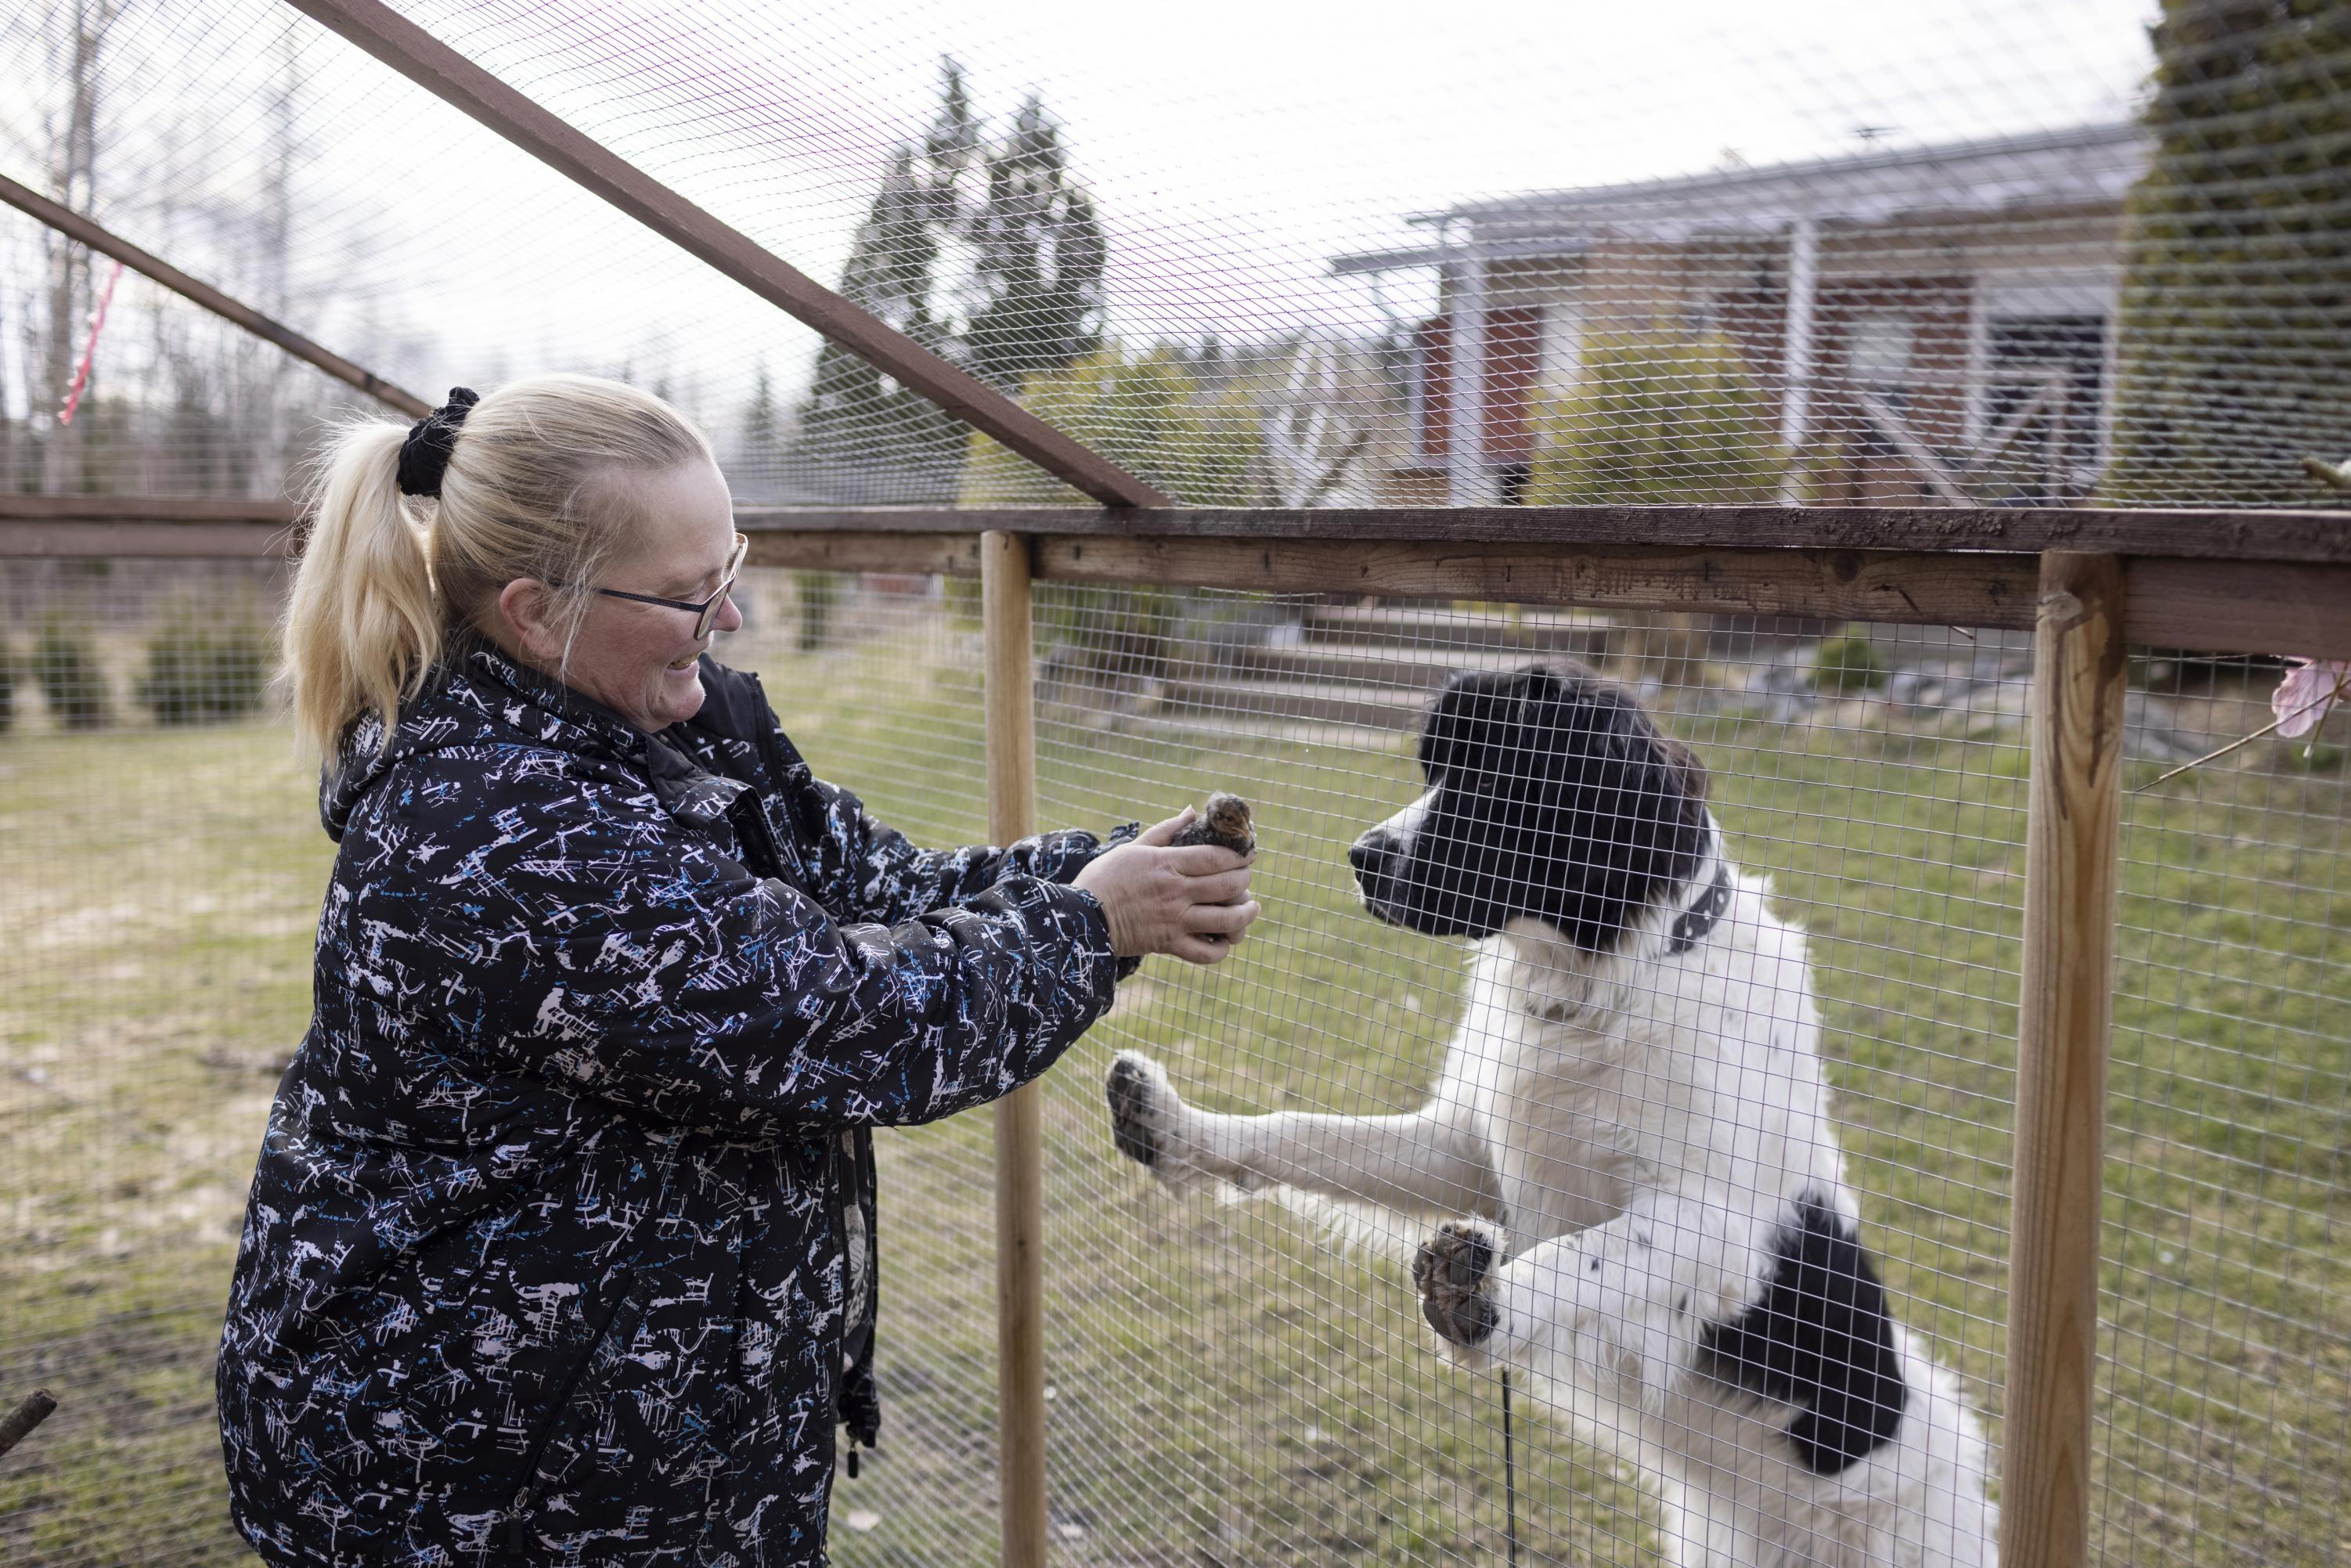 Se on Liisa-tipu. Hilda-koira on Aavajokien on väsymätön kanavahti. Neiti Nokkava on laventelin värinen araucana-rotuinen kanarouva. Tekis hyvää varmaan sullekin, Hilda tuumaa, ja tarjoilee keväänraikkaan suihkun kahluureissun jälkeen Pia Aavajoelle. Aavajoella on hautomakoneessa neljä ankanmunaa.